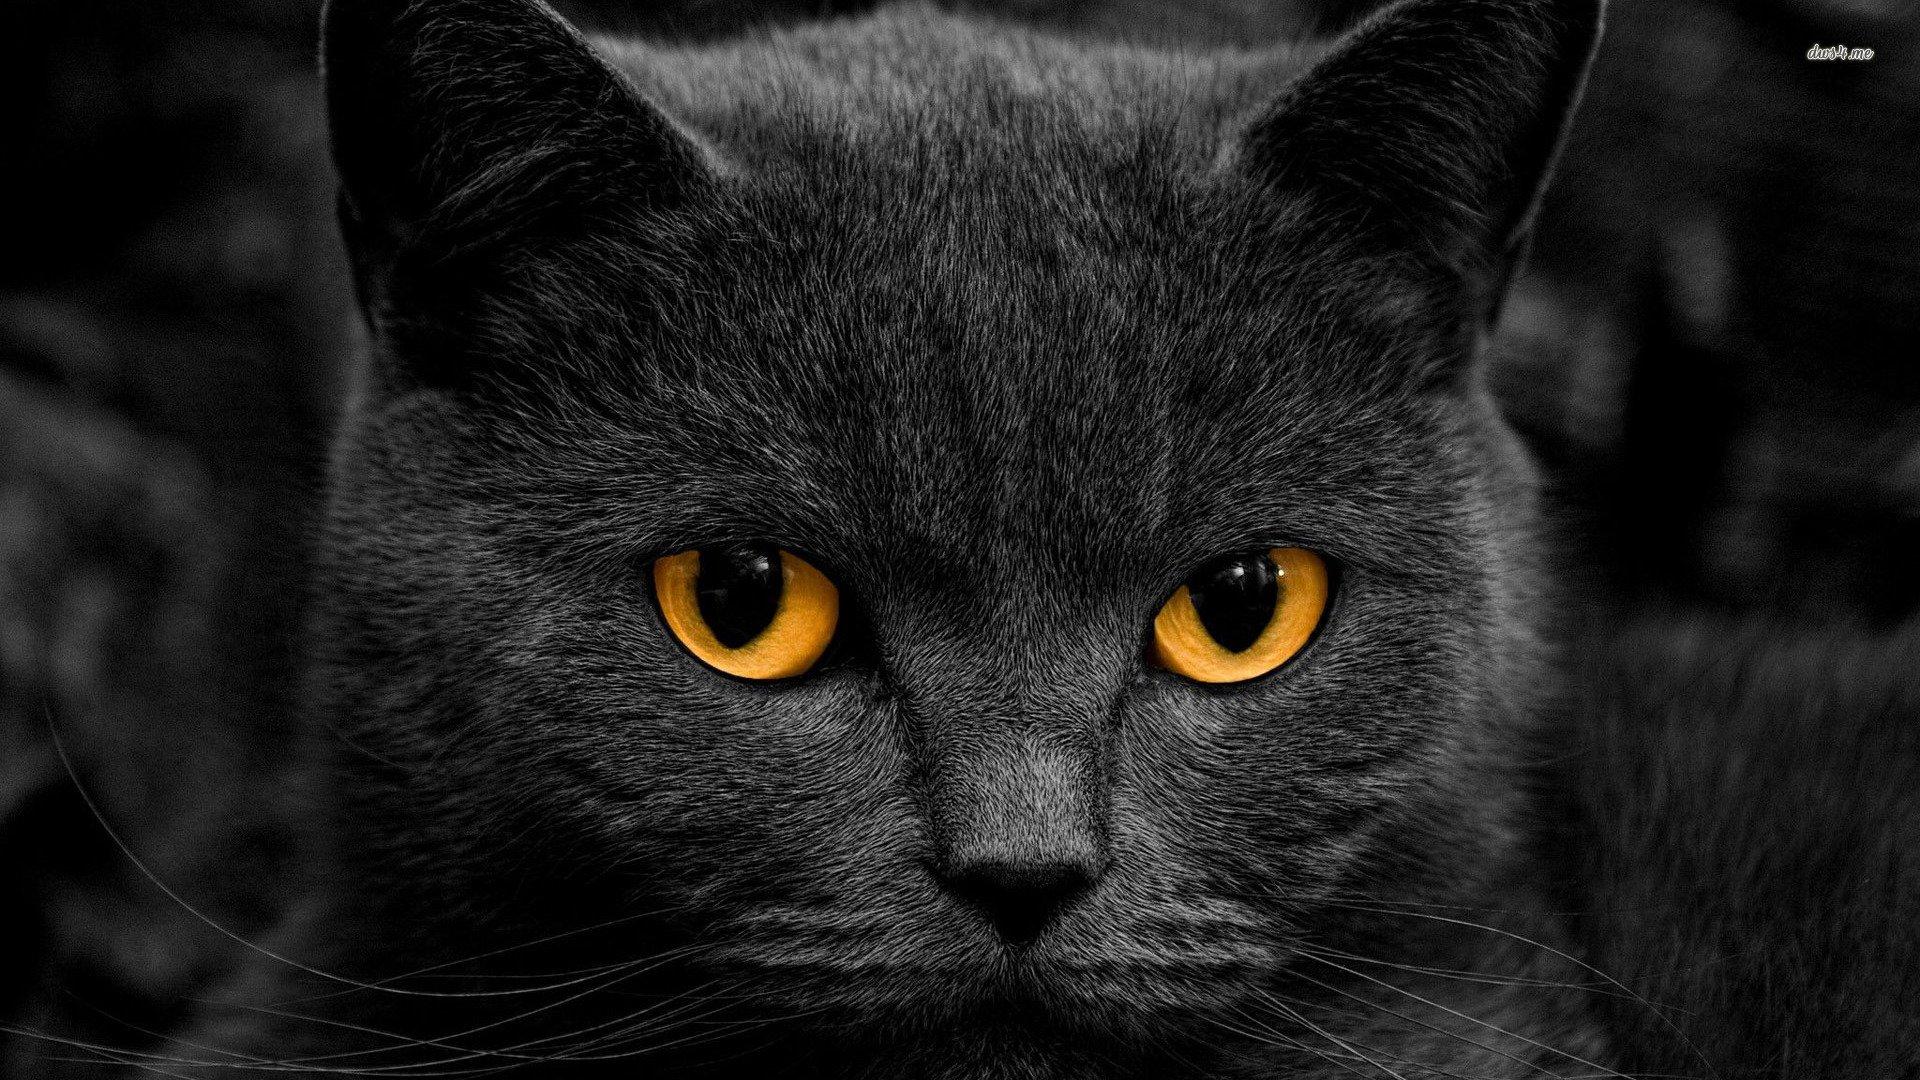 android安卓萌宠 喵星人 猫 黑猫高清手机壁纸免费